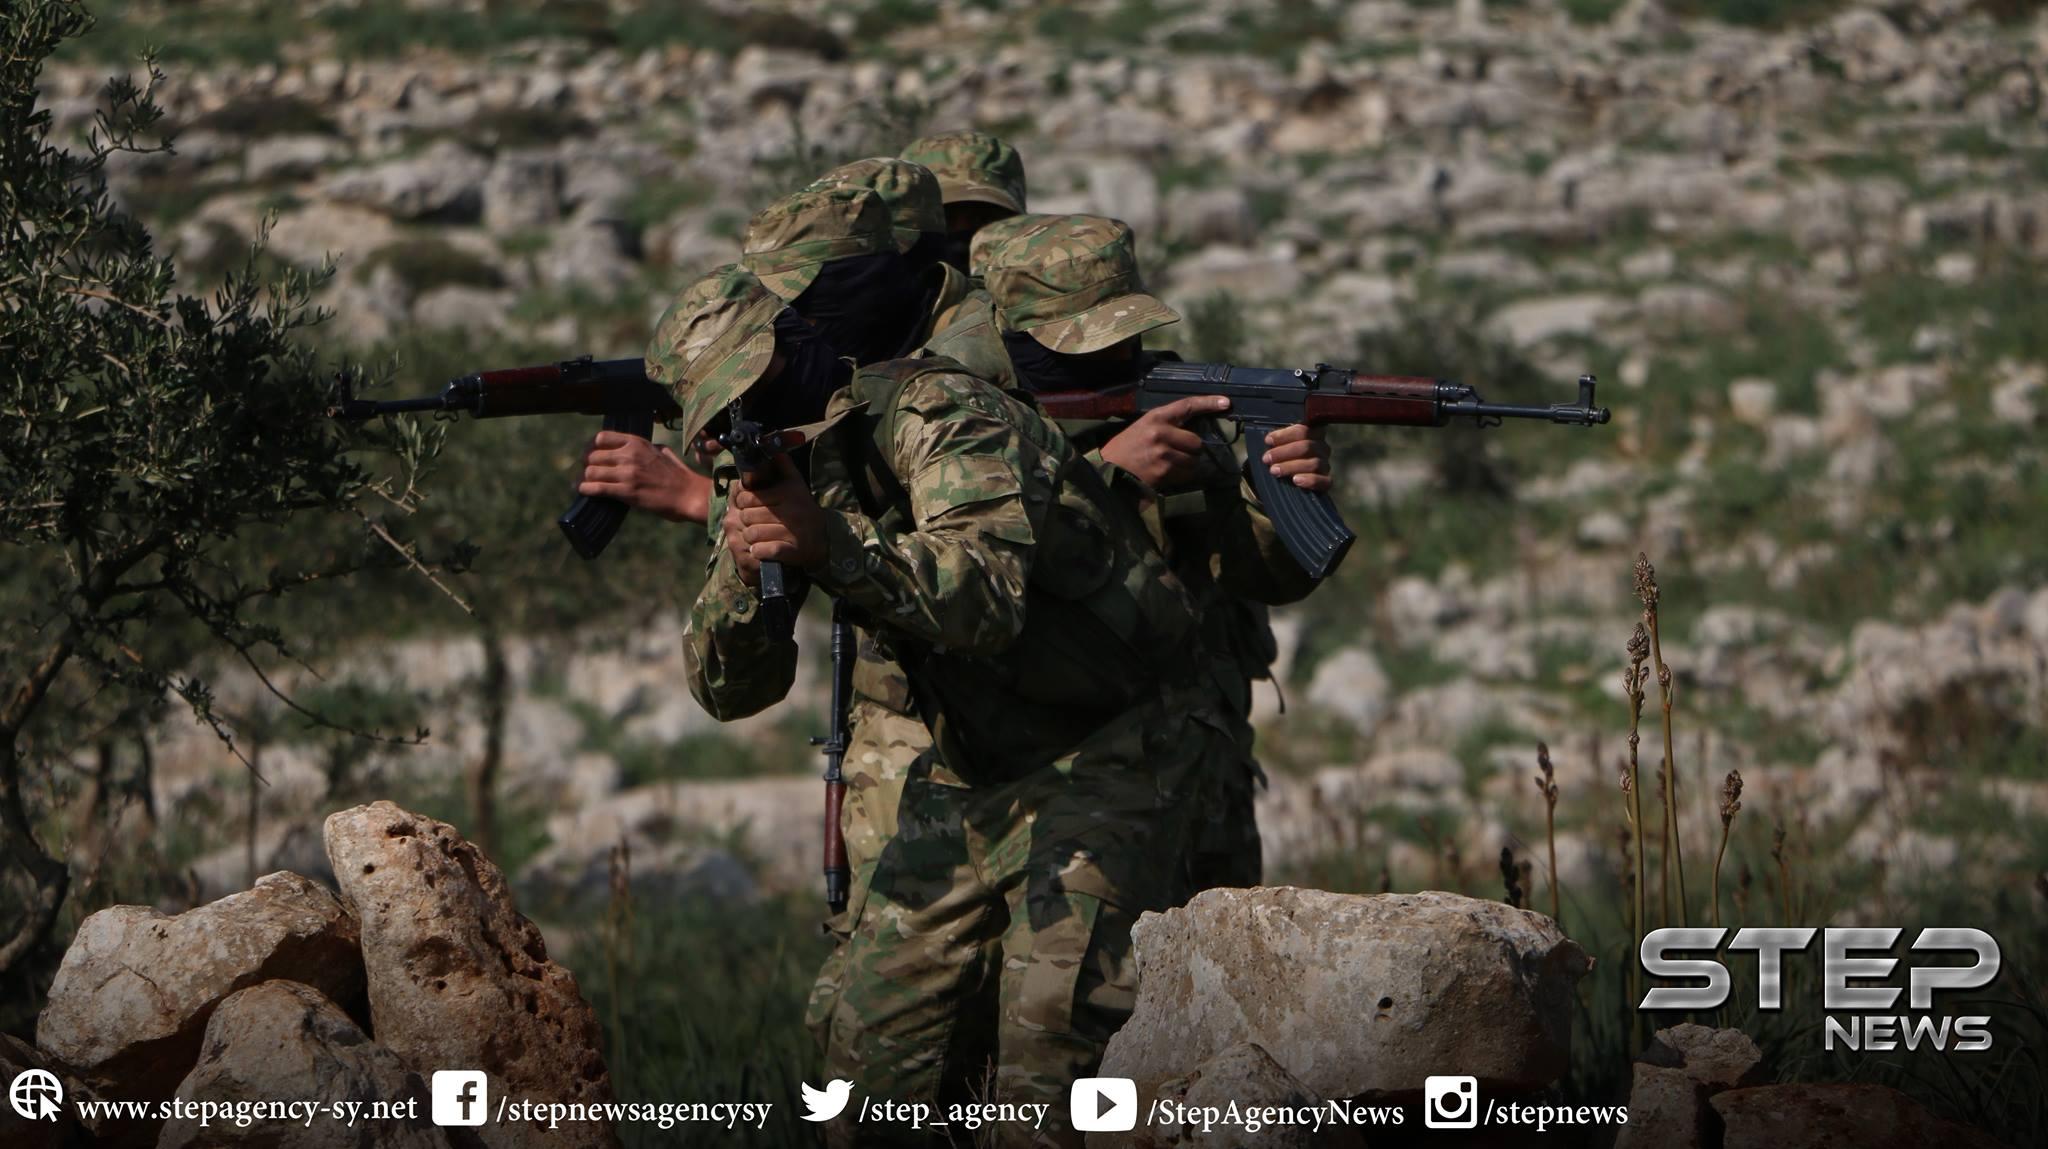 """""""الفتح المبين"""" تُهاجم النظام بريف حماة وتُكبّده خسائر فادحة بالعتاد والأرواح"""